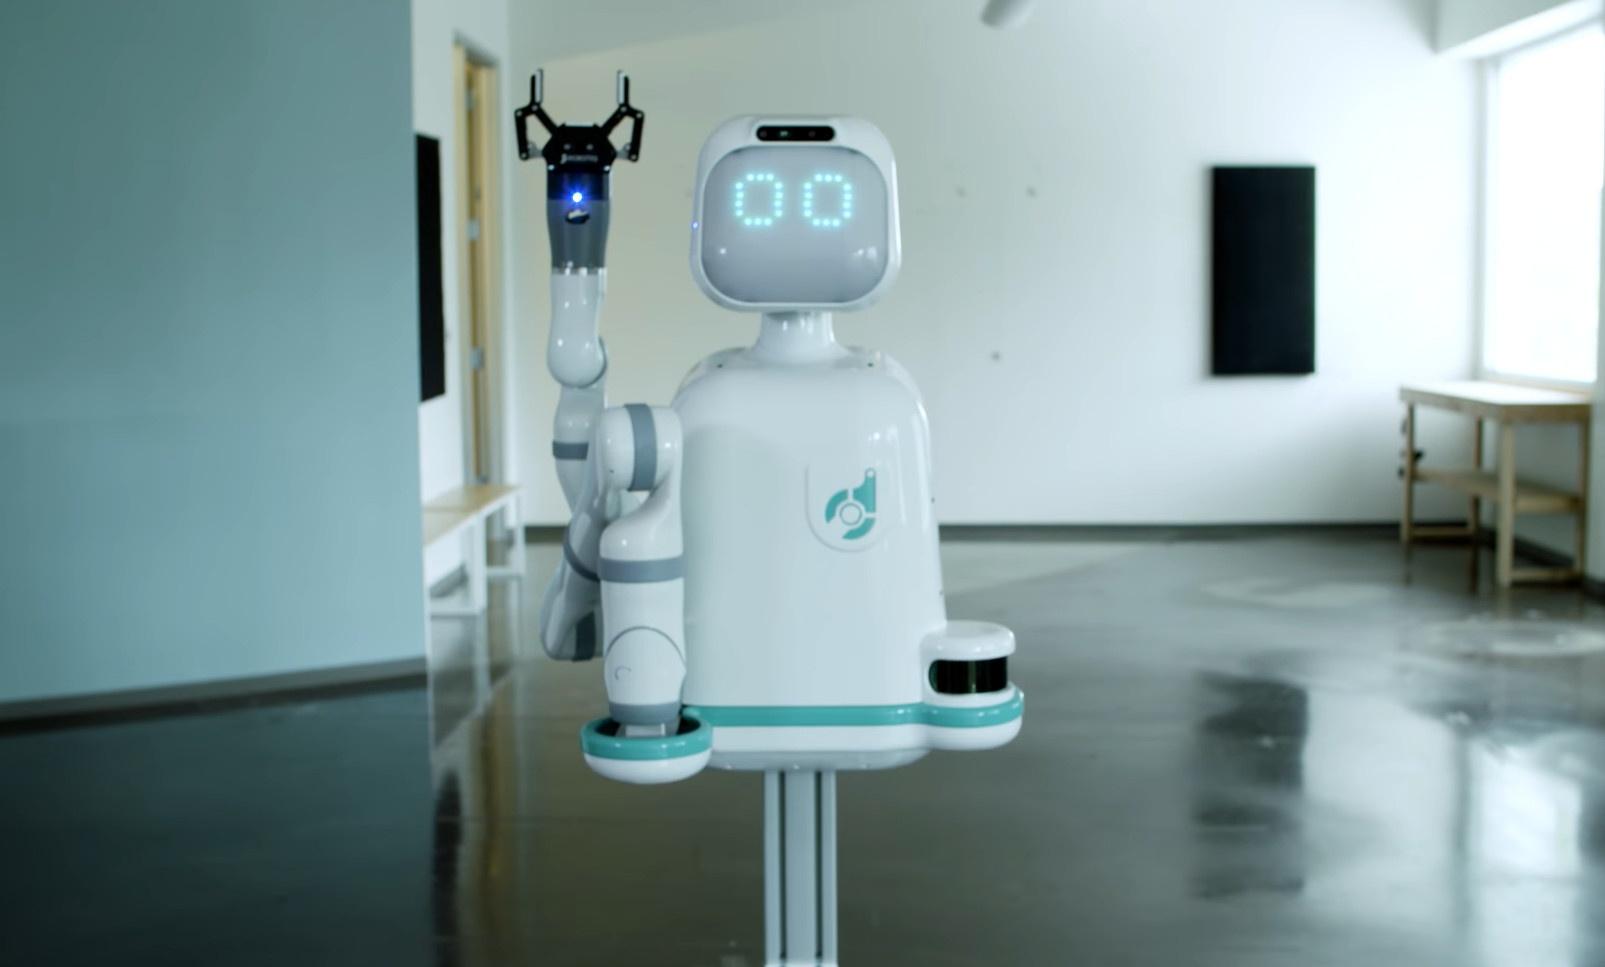 Novinky zo sveta robotiky #32